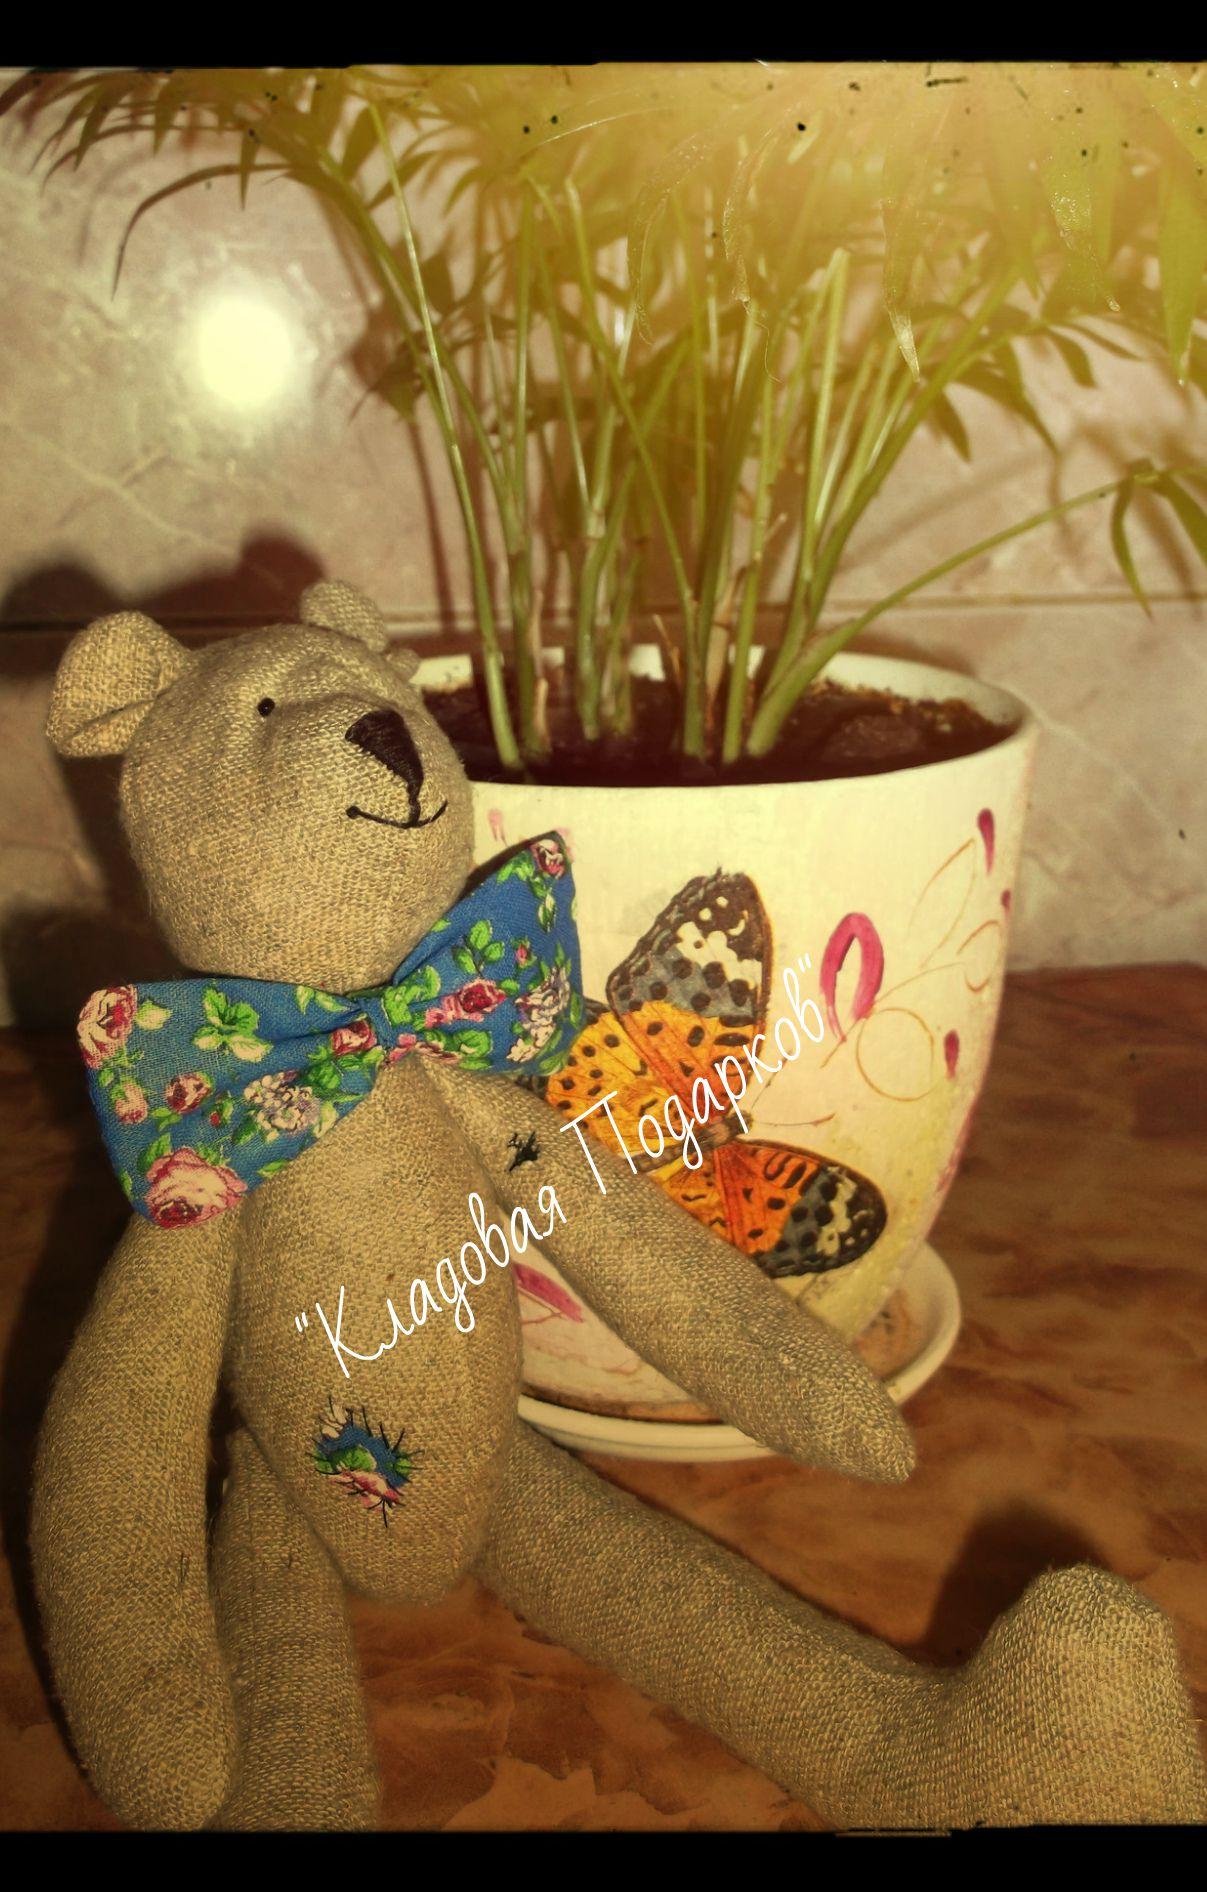 мишка бабочка игрушка кладовая работа ручная подарков подарок